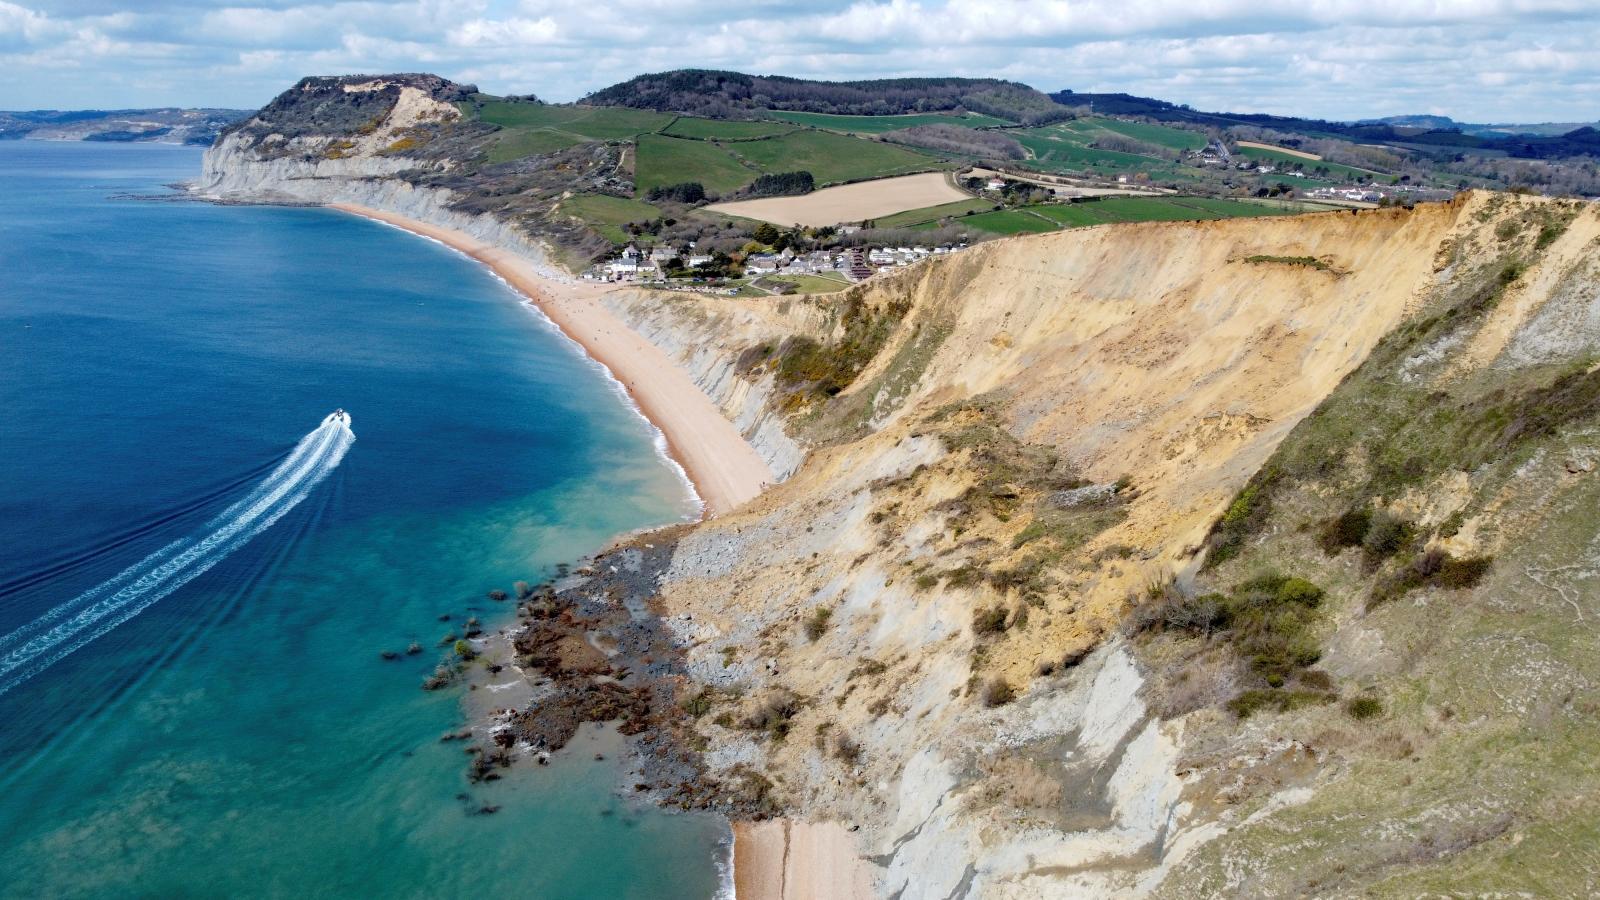 Přírodní dědictví v hrabství Dorset. Jurské pobřeží